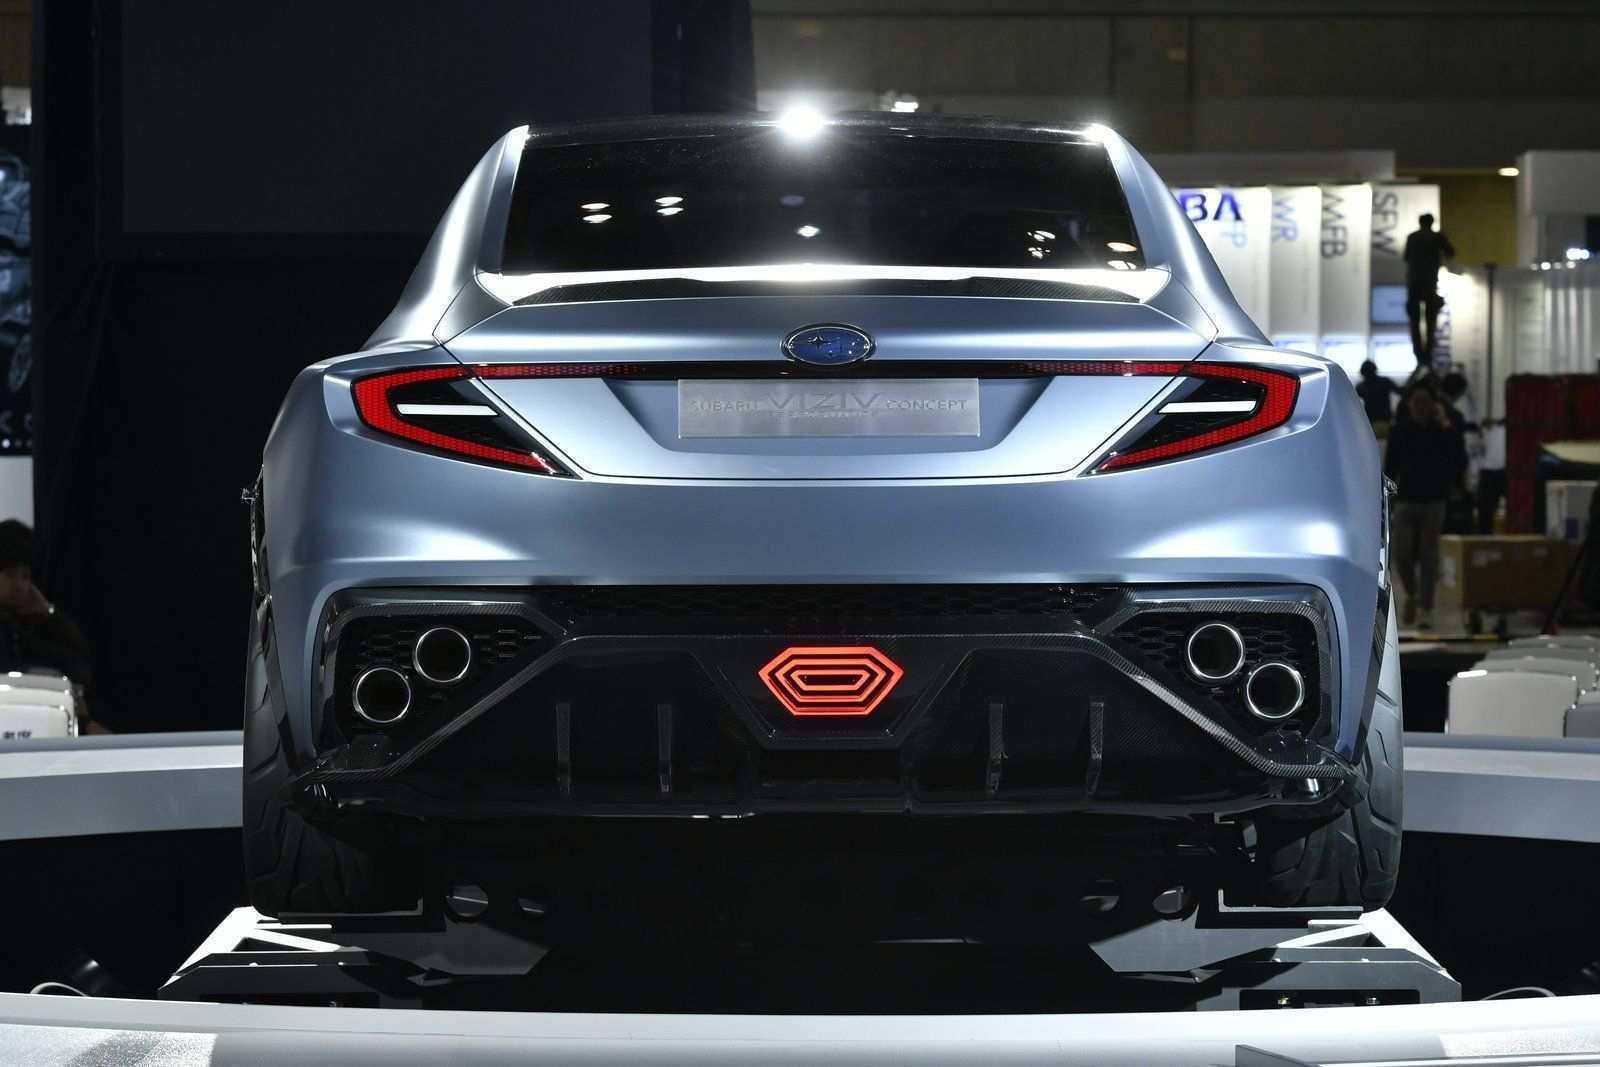 58 The Subaru Wrx 2020 Exterior Redesign and Concept with Subaru Wrx 2020 Exterior